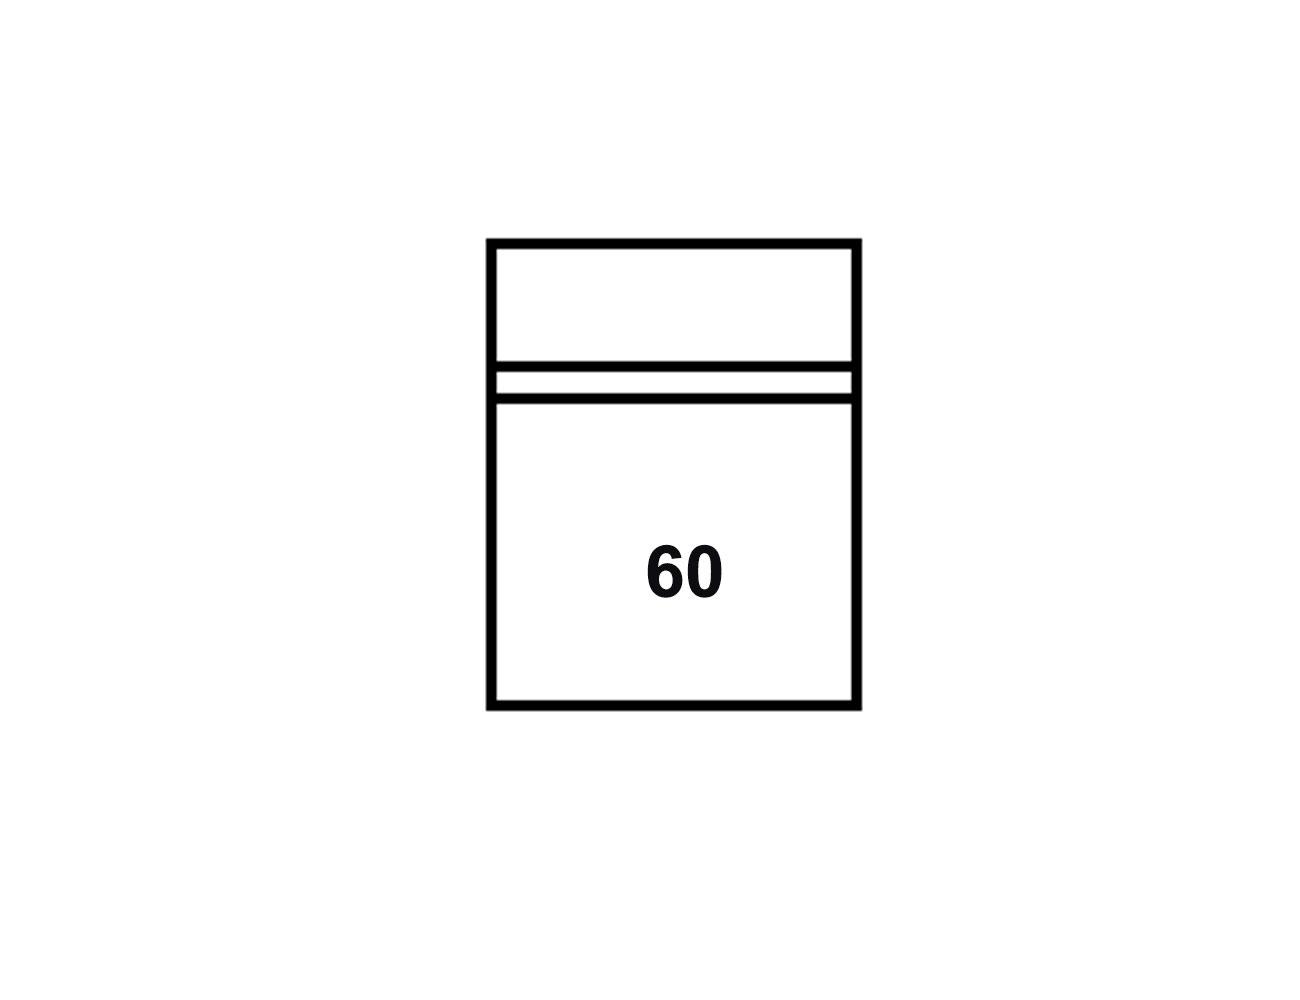 Modulo 1p 609